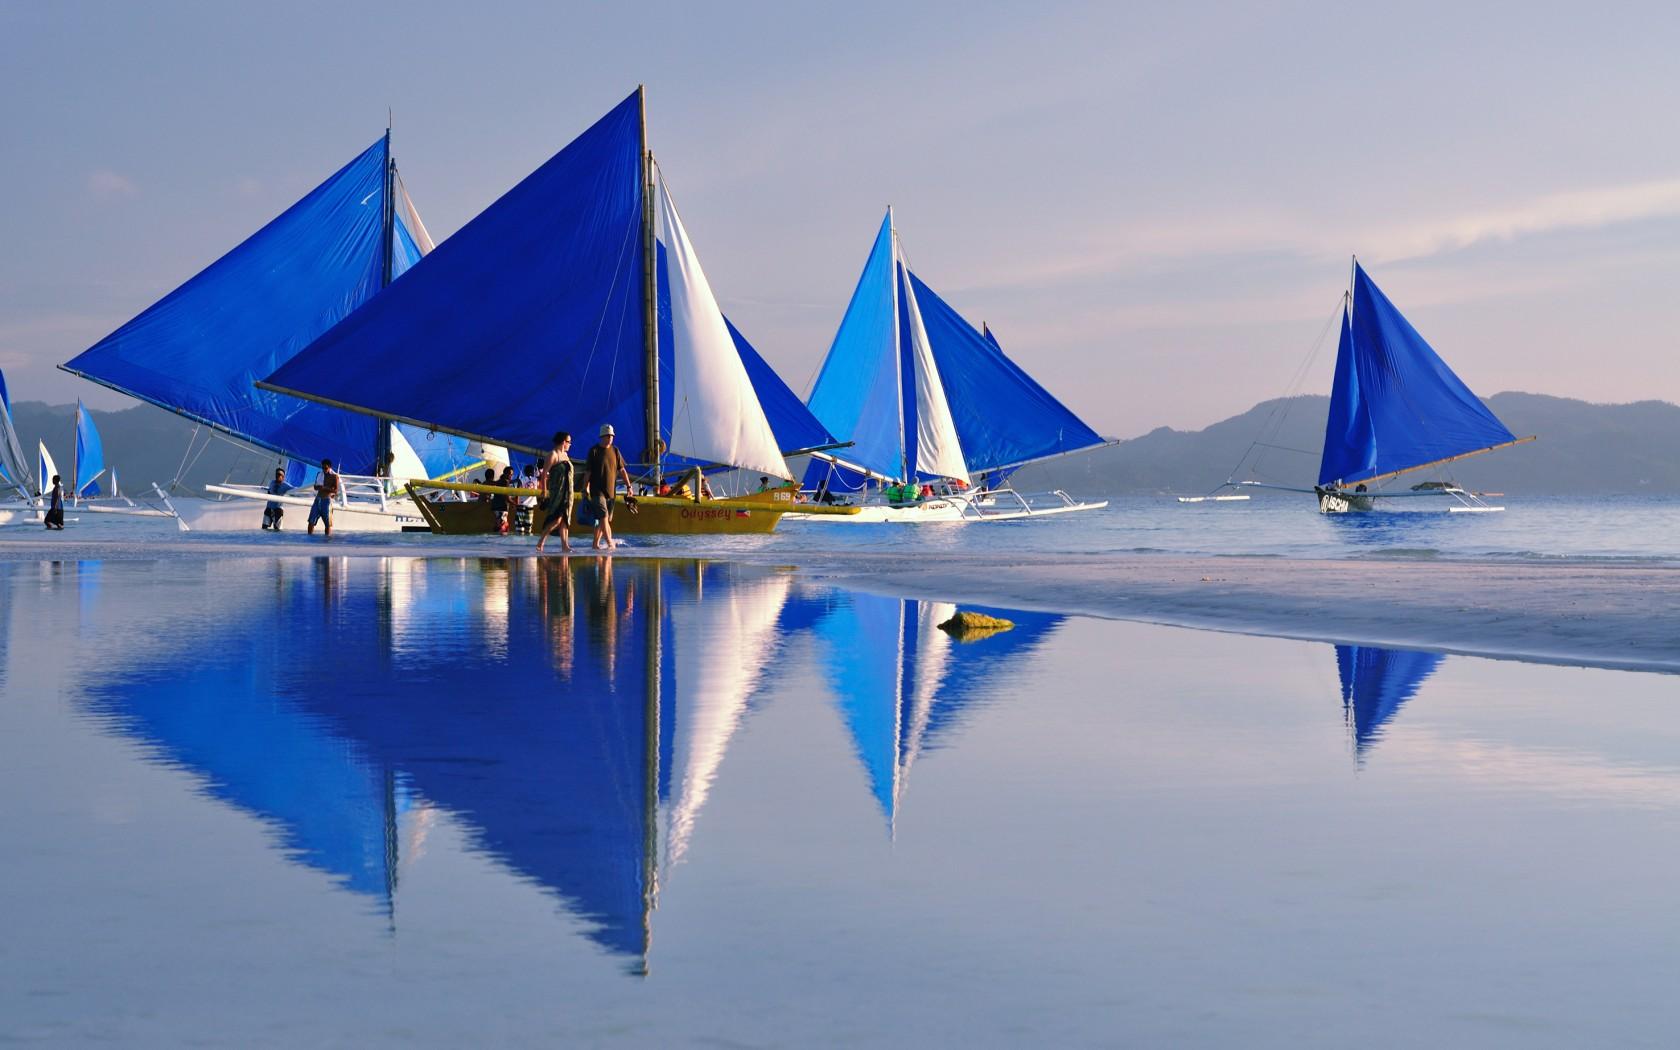 قایقرانی در سواحل بوراکای فیلیپین